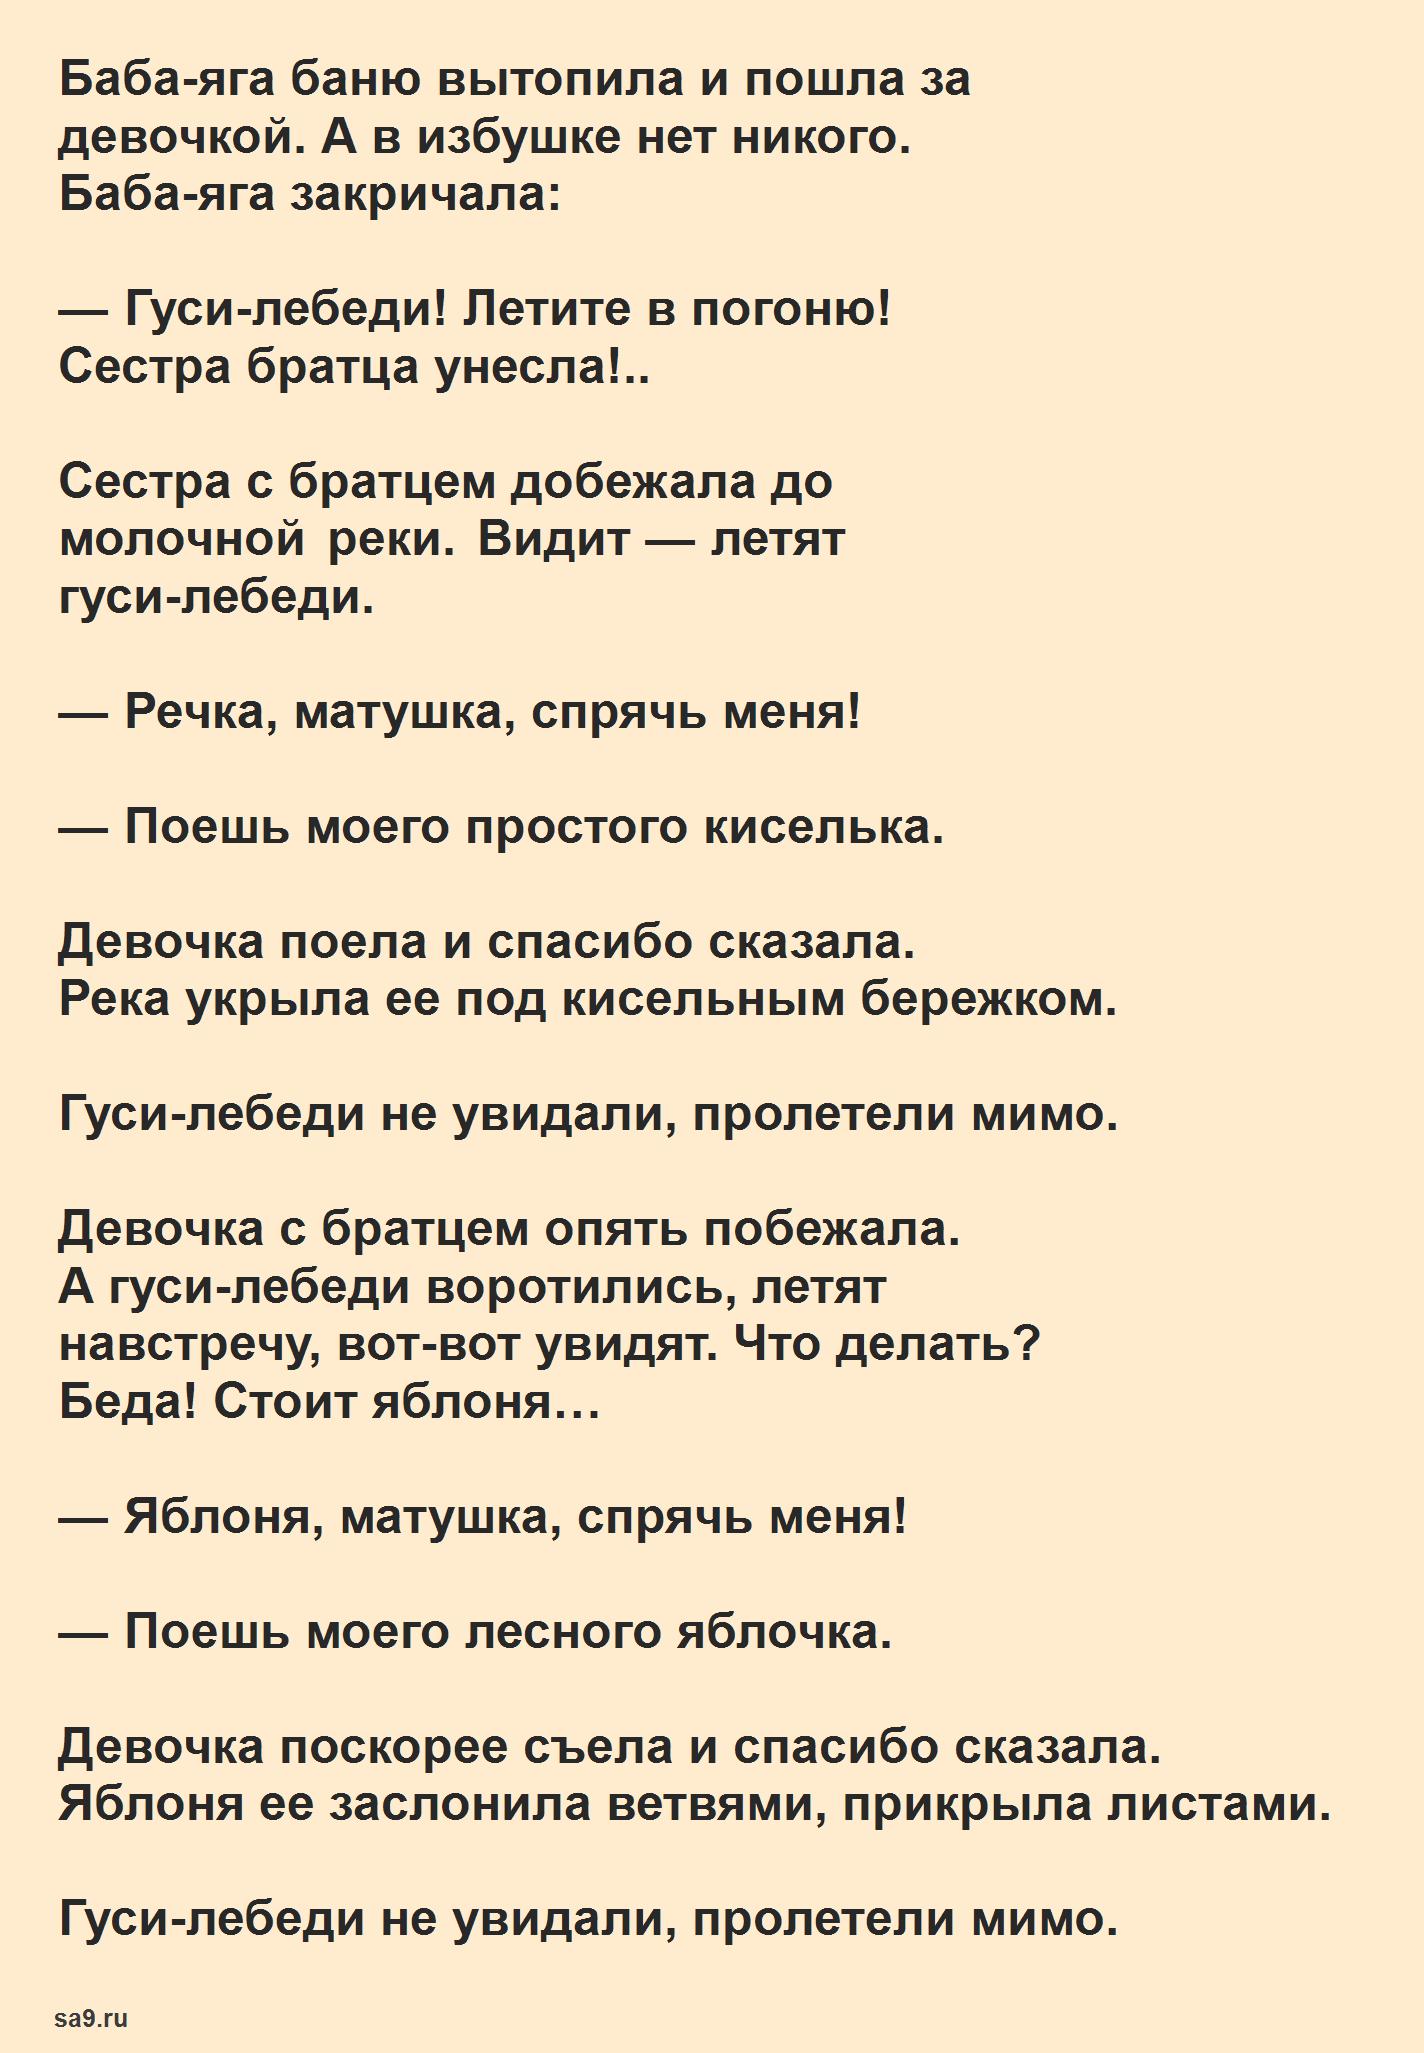 Гуси-лебеди - русская народная сказка, читать полностью